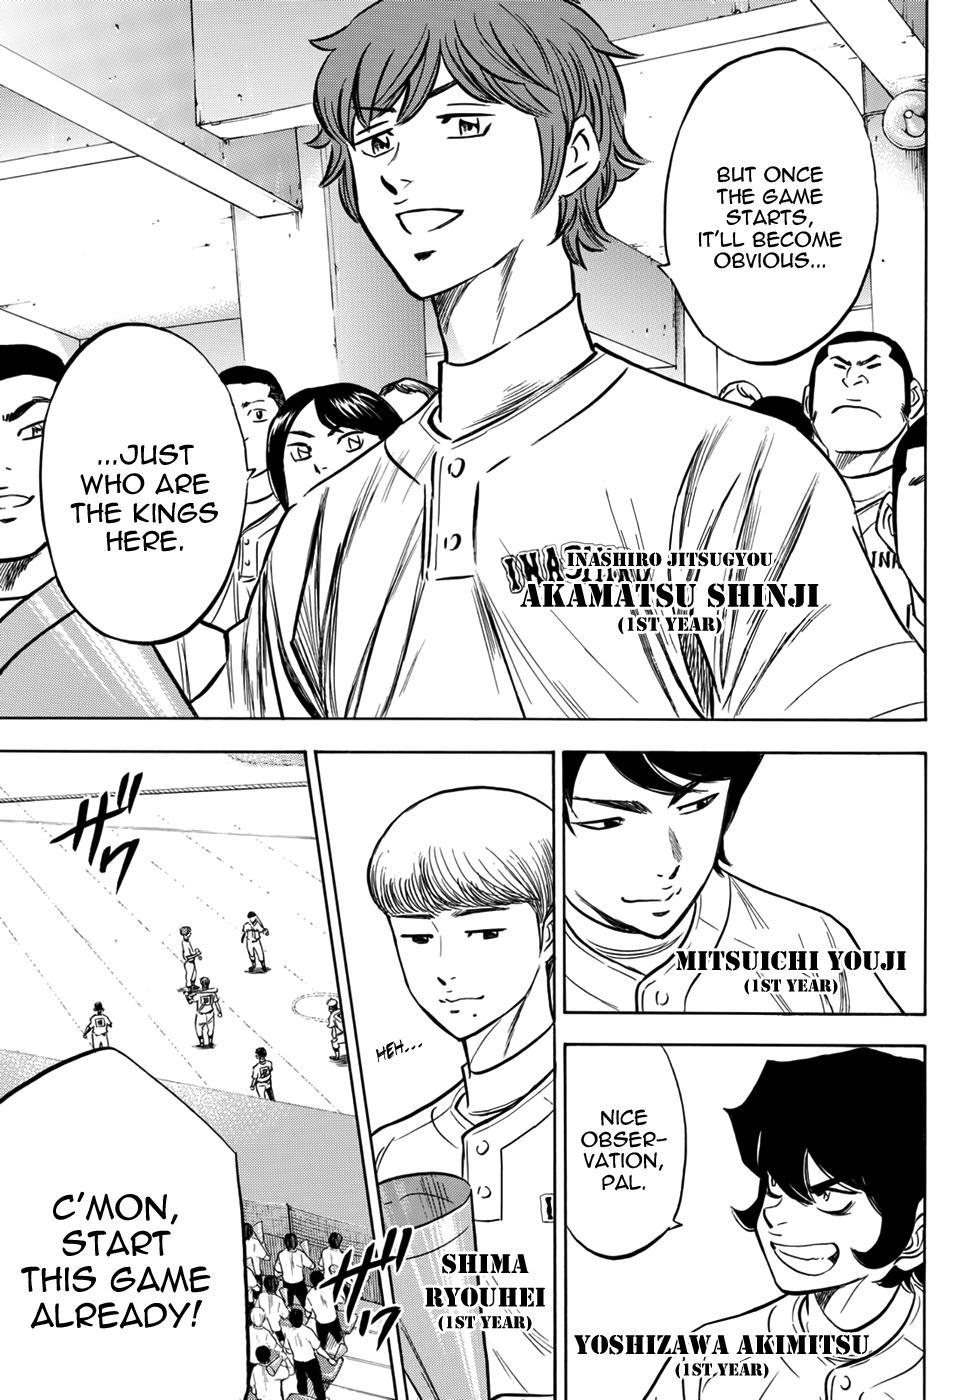 Daiya no A - Act II - Chapter 15